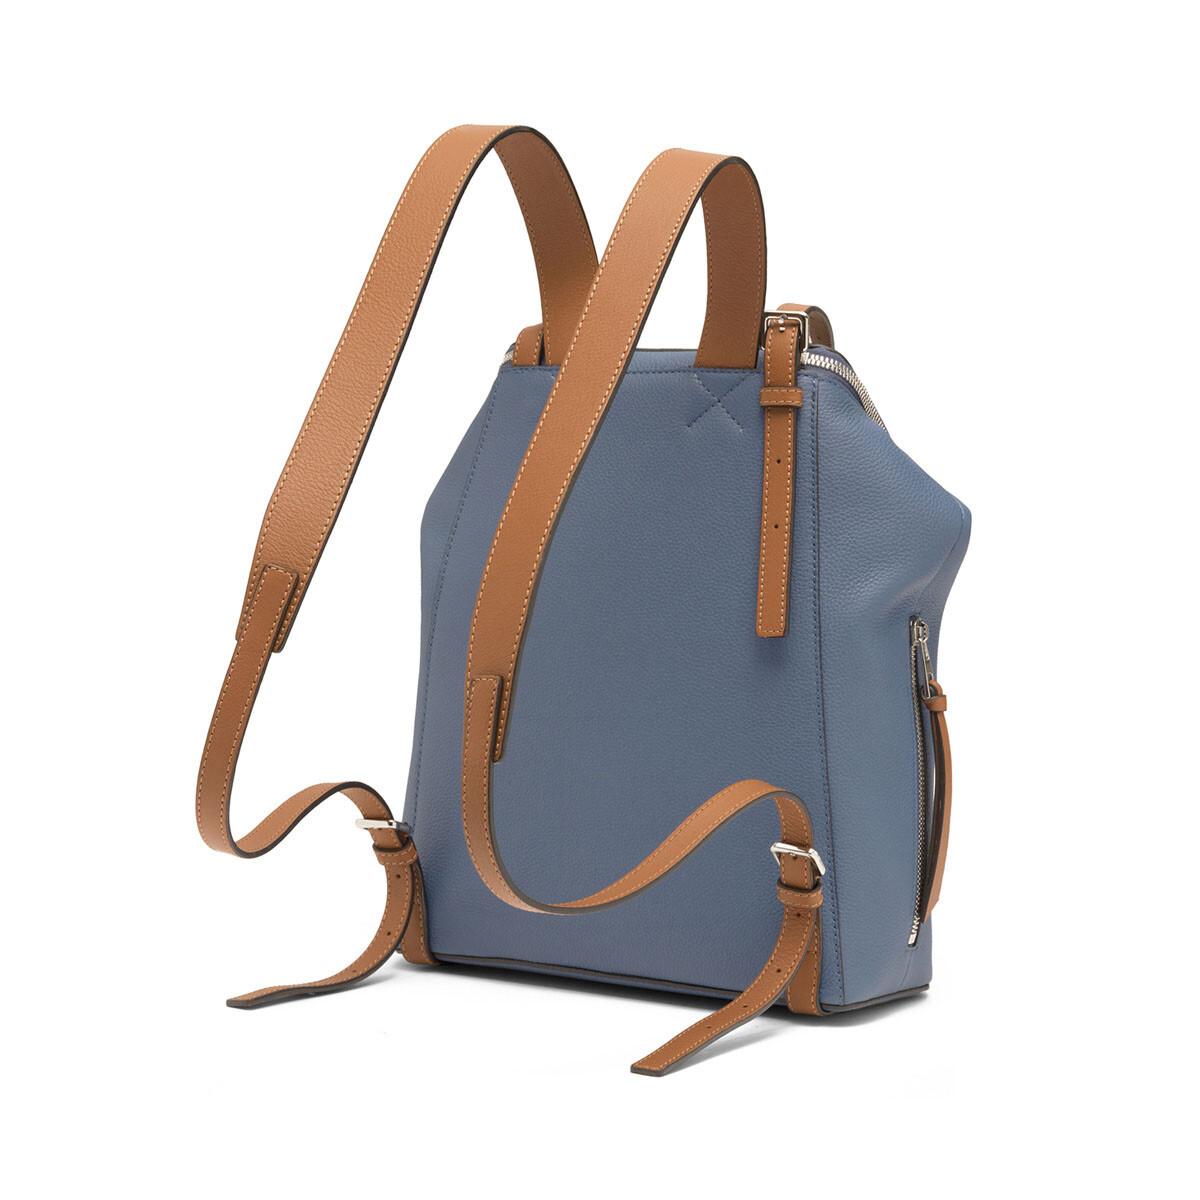 Goya Small Backpack